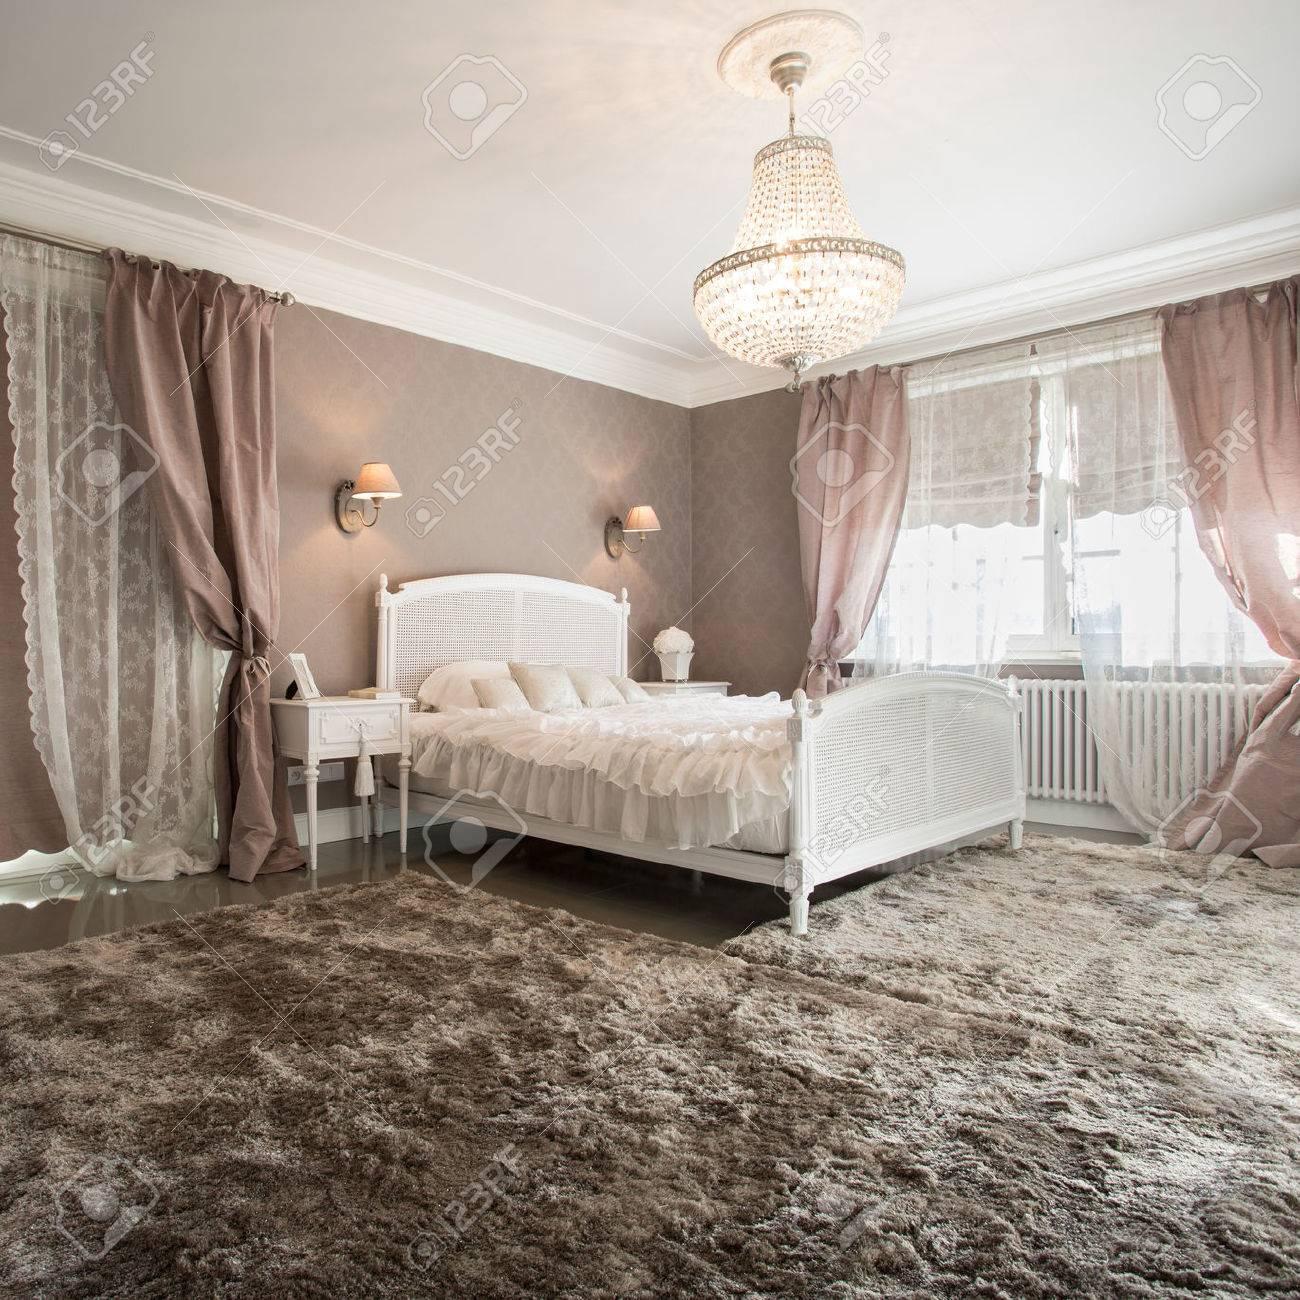 Full Size of Teppich Schlafzimmer Romantische Schnheit Inter Mit Weichen Rauch Truhe Bad Komplettangebote Vorhänge Für Küche Lampe Klimagerät Sessel Steinteppich Schlafzimmer Teppich Schlafzimmer